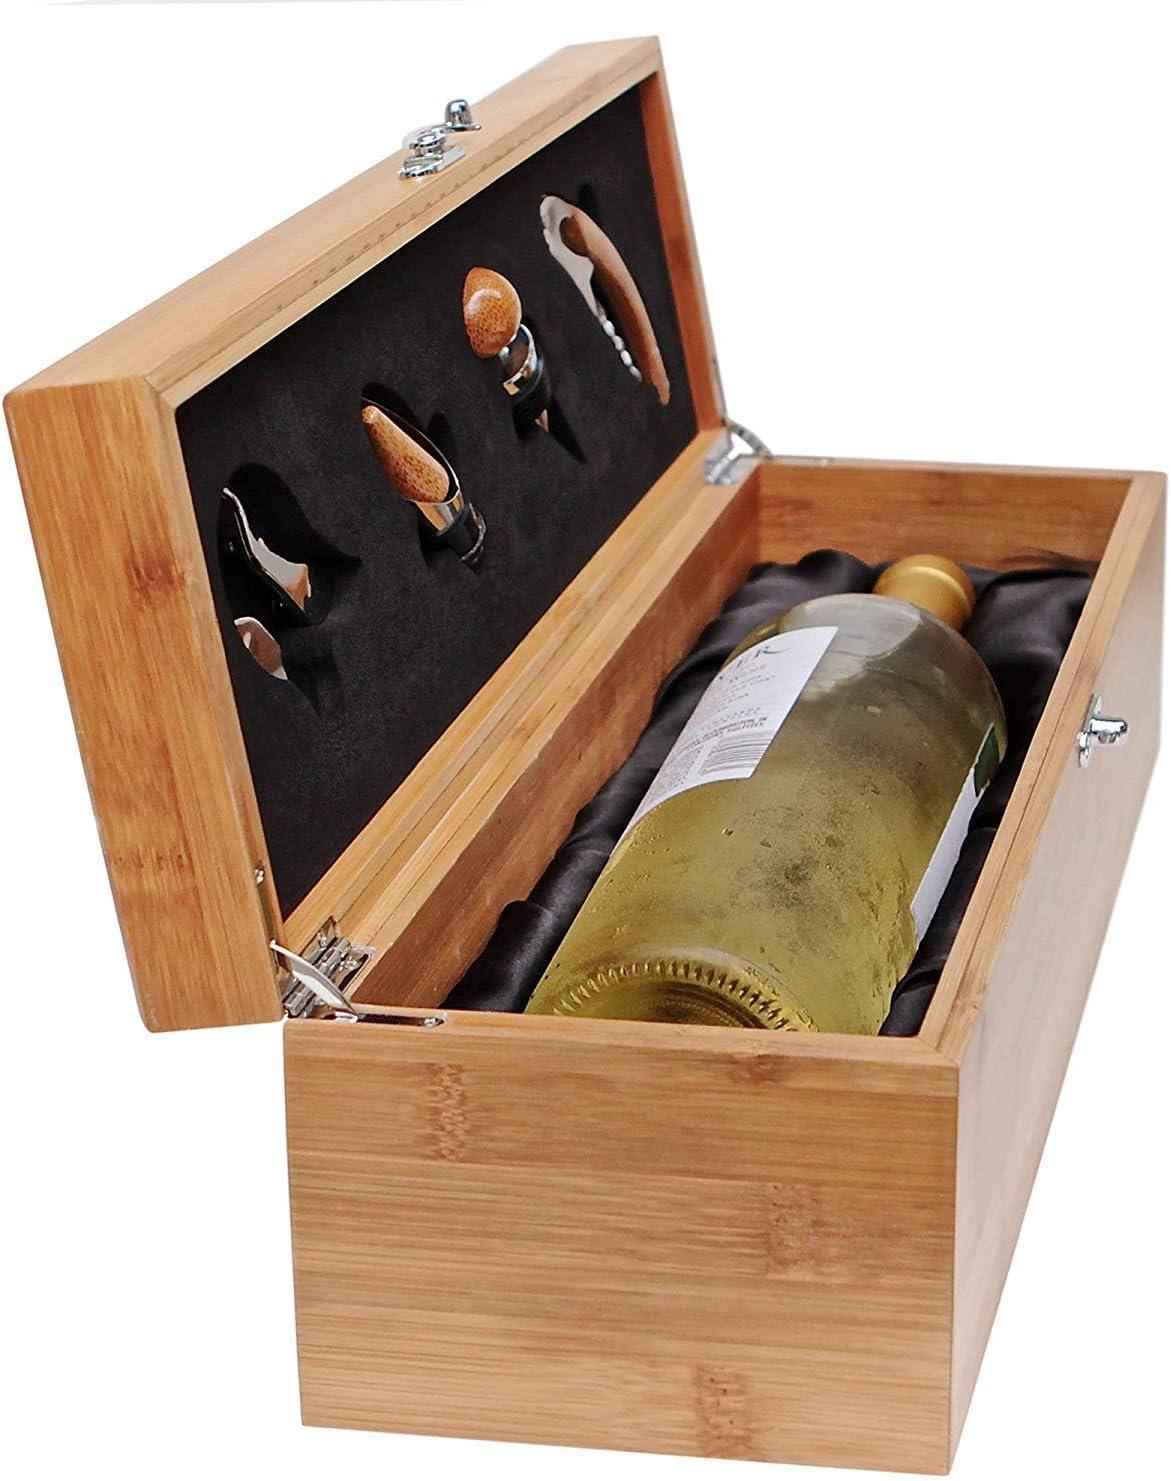 Case Elegance - Caja de Madera de Regalo para Botellas y Juego de Utensilios para Amantes del Vino